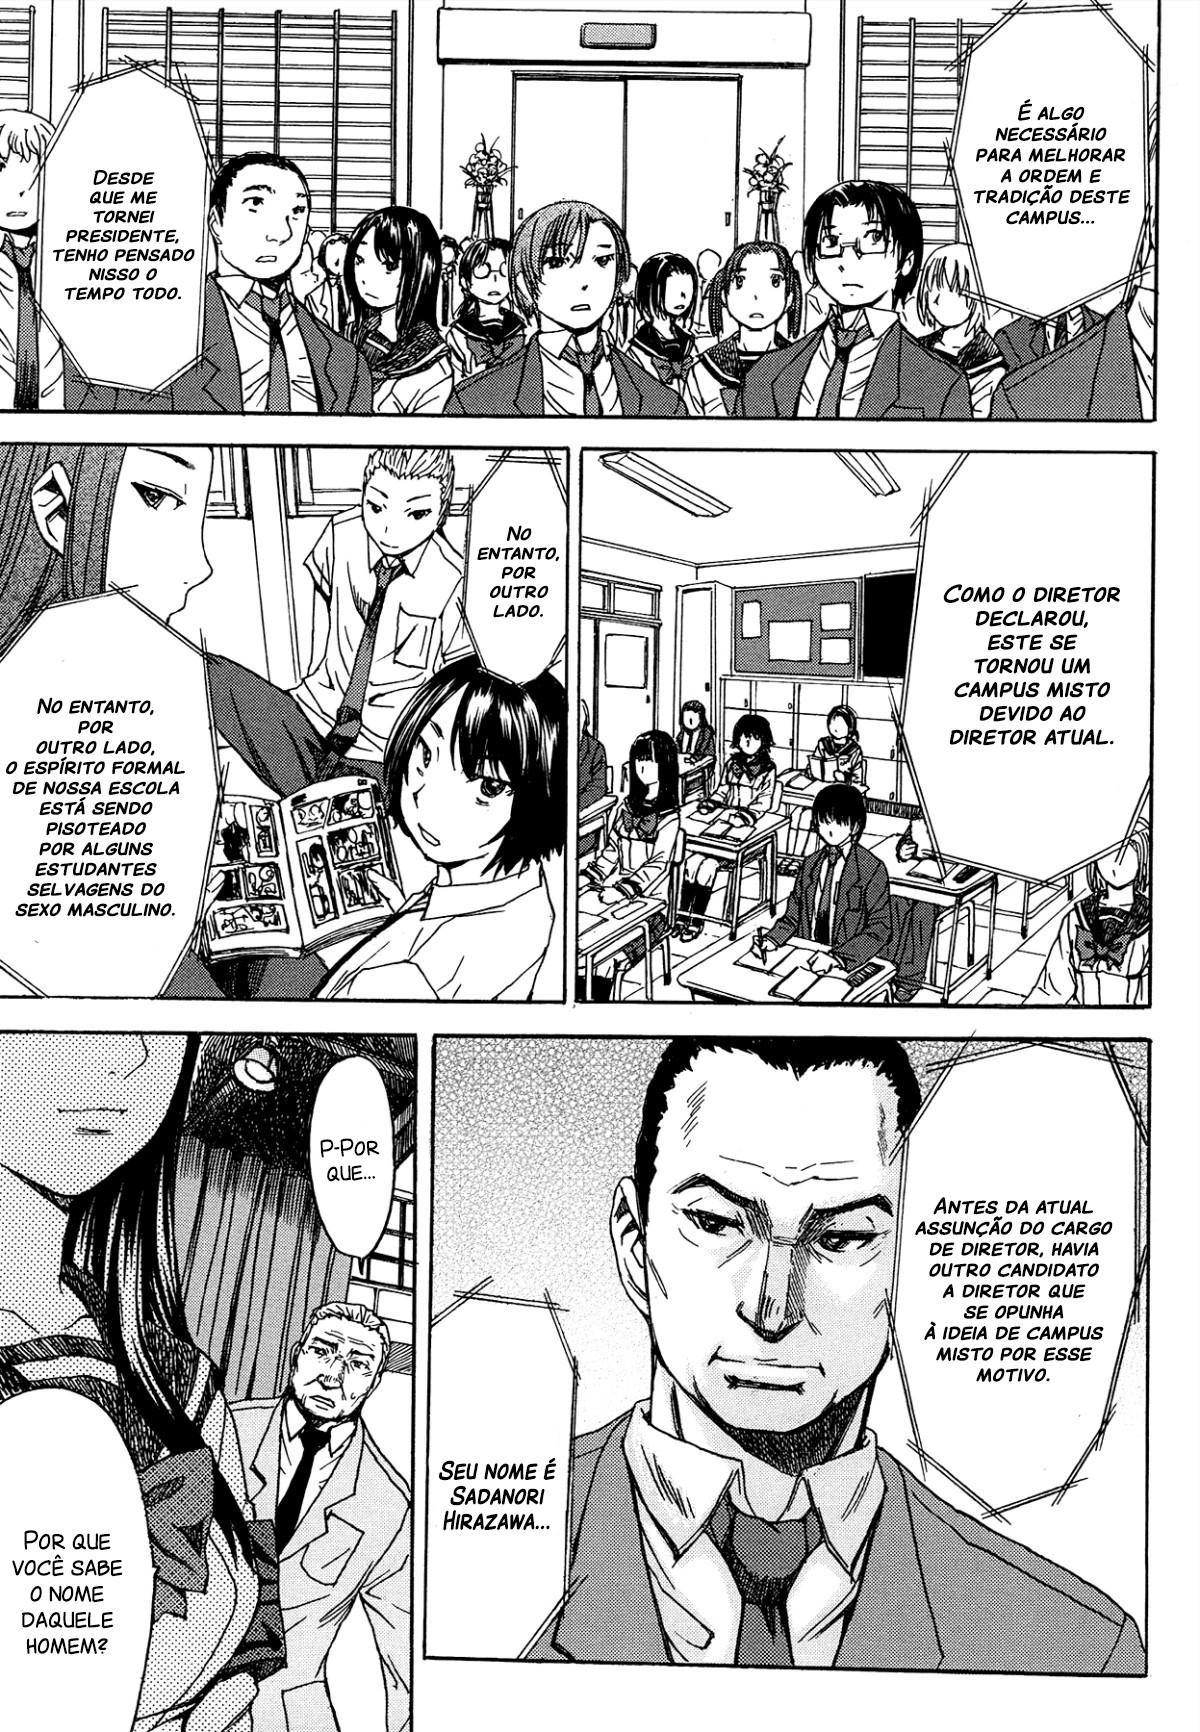 Ashigami Capitulo 5 - pagina 5